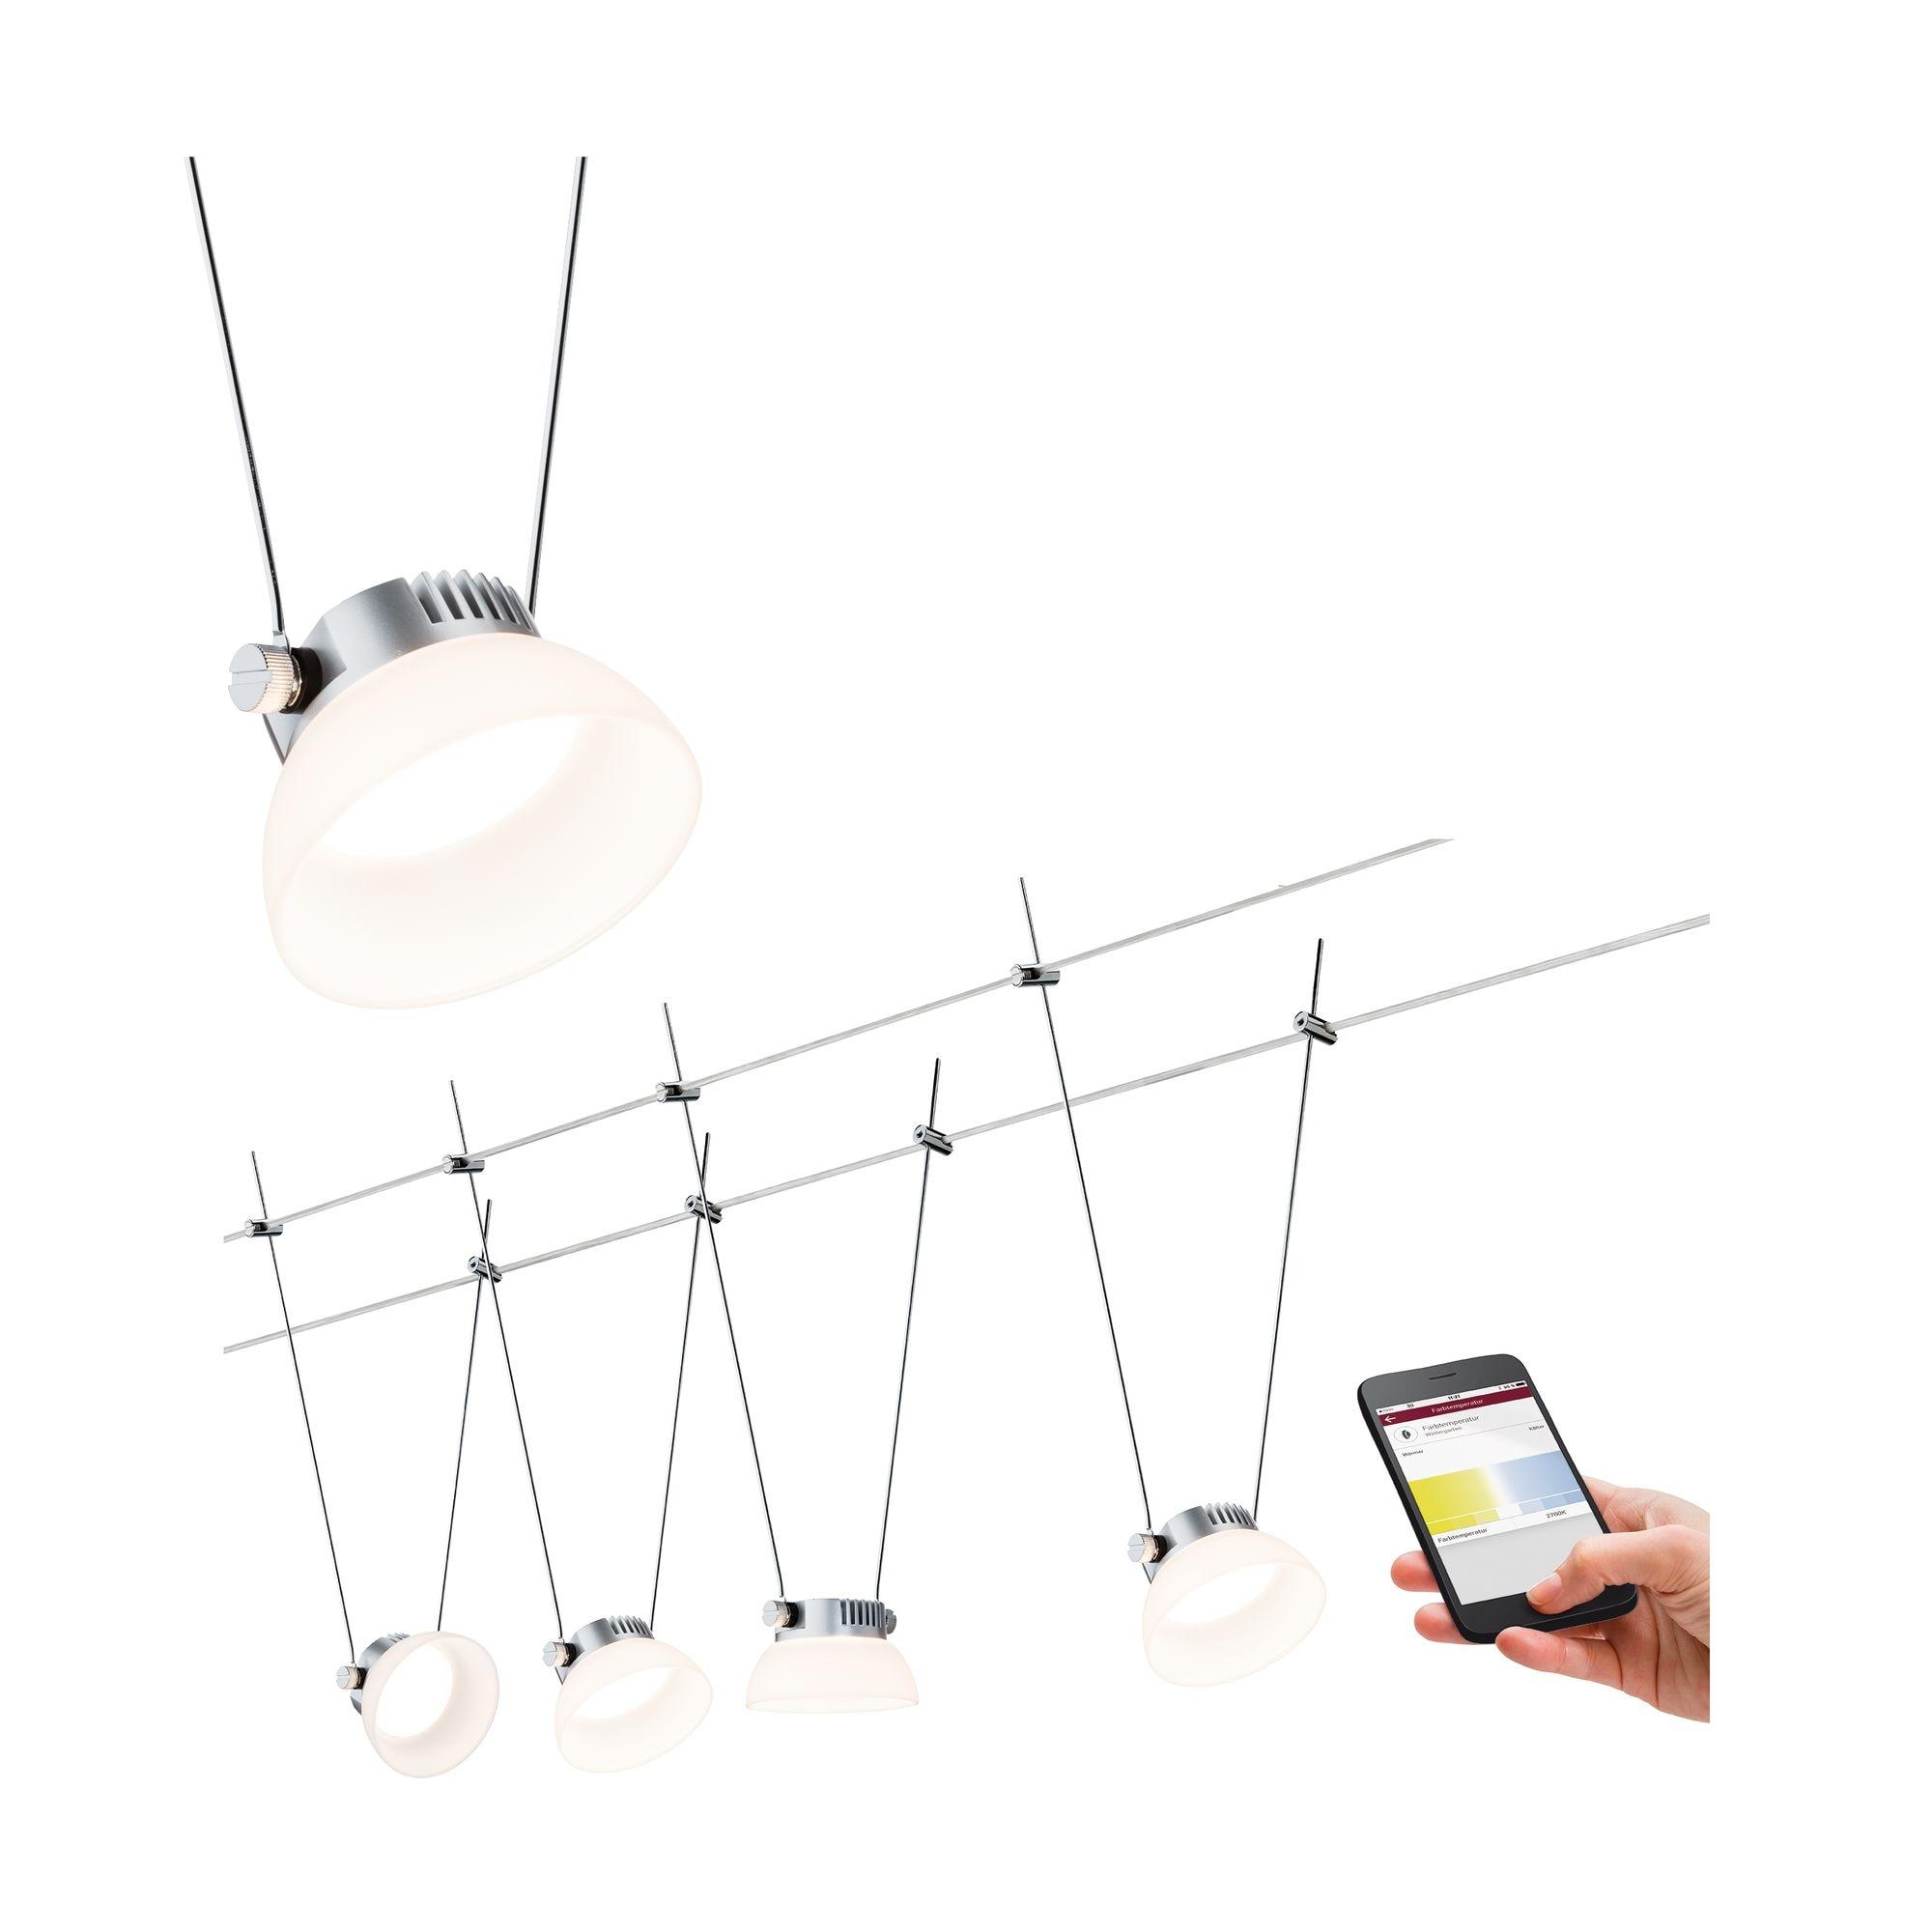 Paulmann,LED Deckenleuchte Smart Home Seilsystem Set IceLED 4x4W DC Chrom matt mit Weißlichtsteuerung